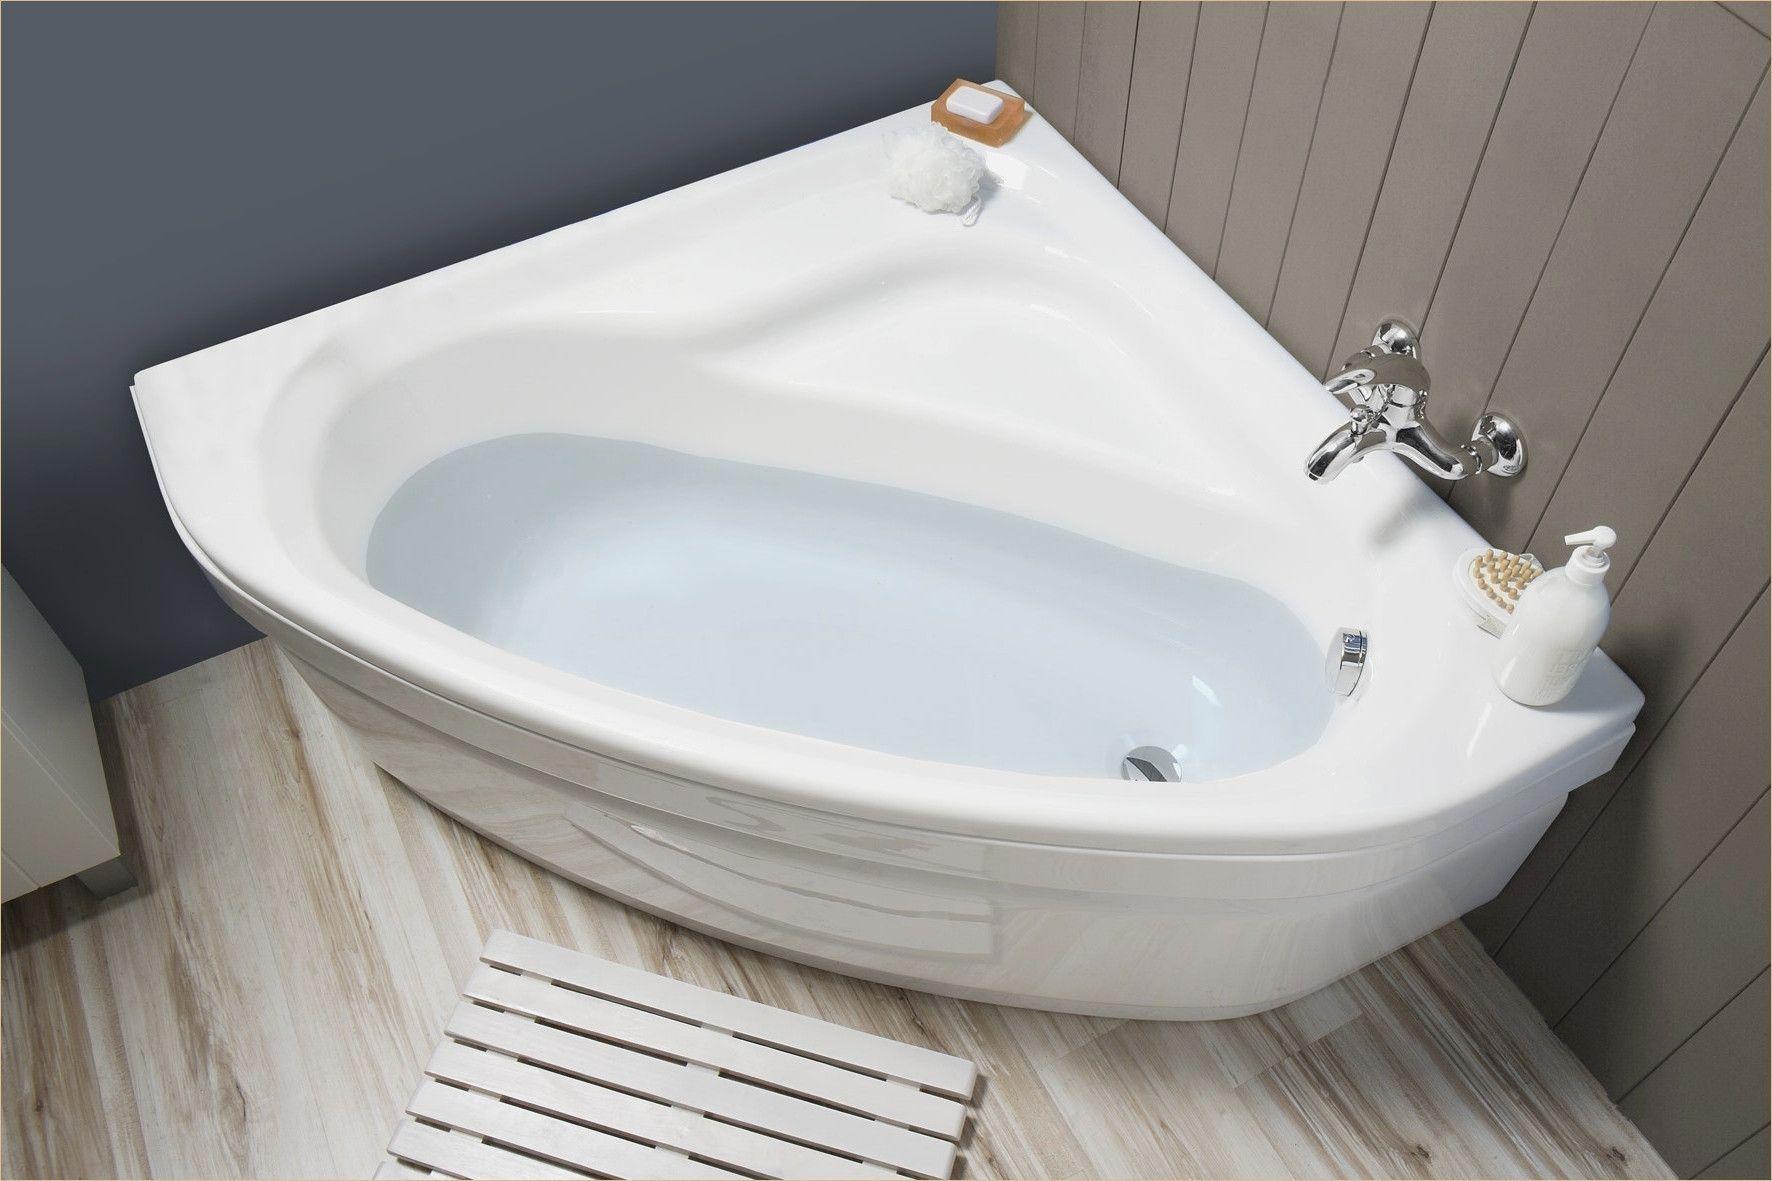 Coussin Baignoire Leroy Merlin Pour Le Confort D Automne Bathtub Studio Interior Cool Designs